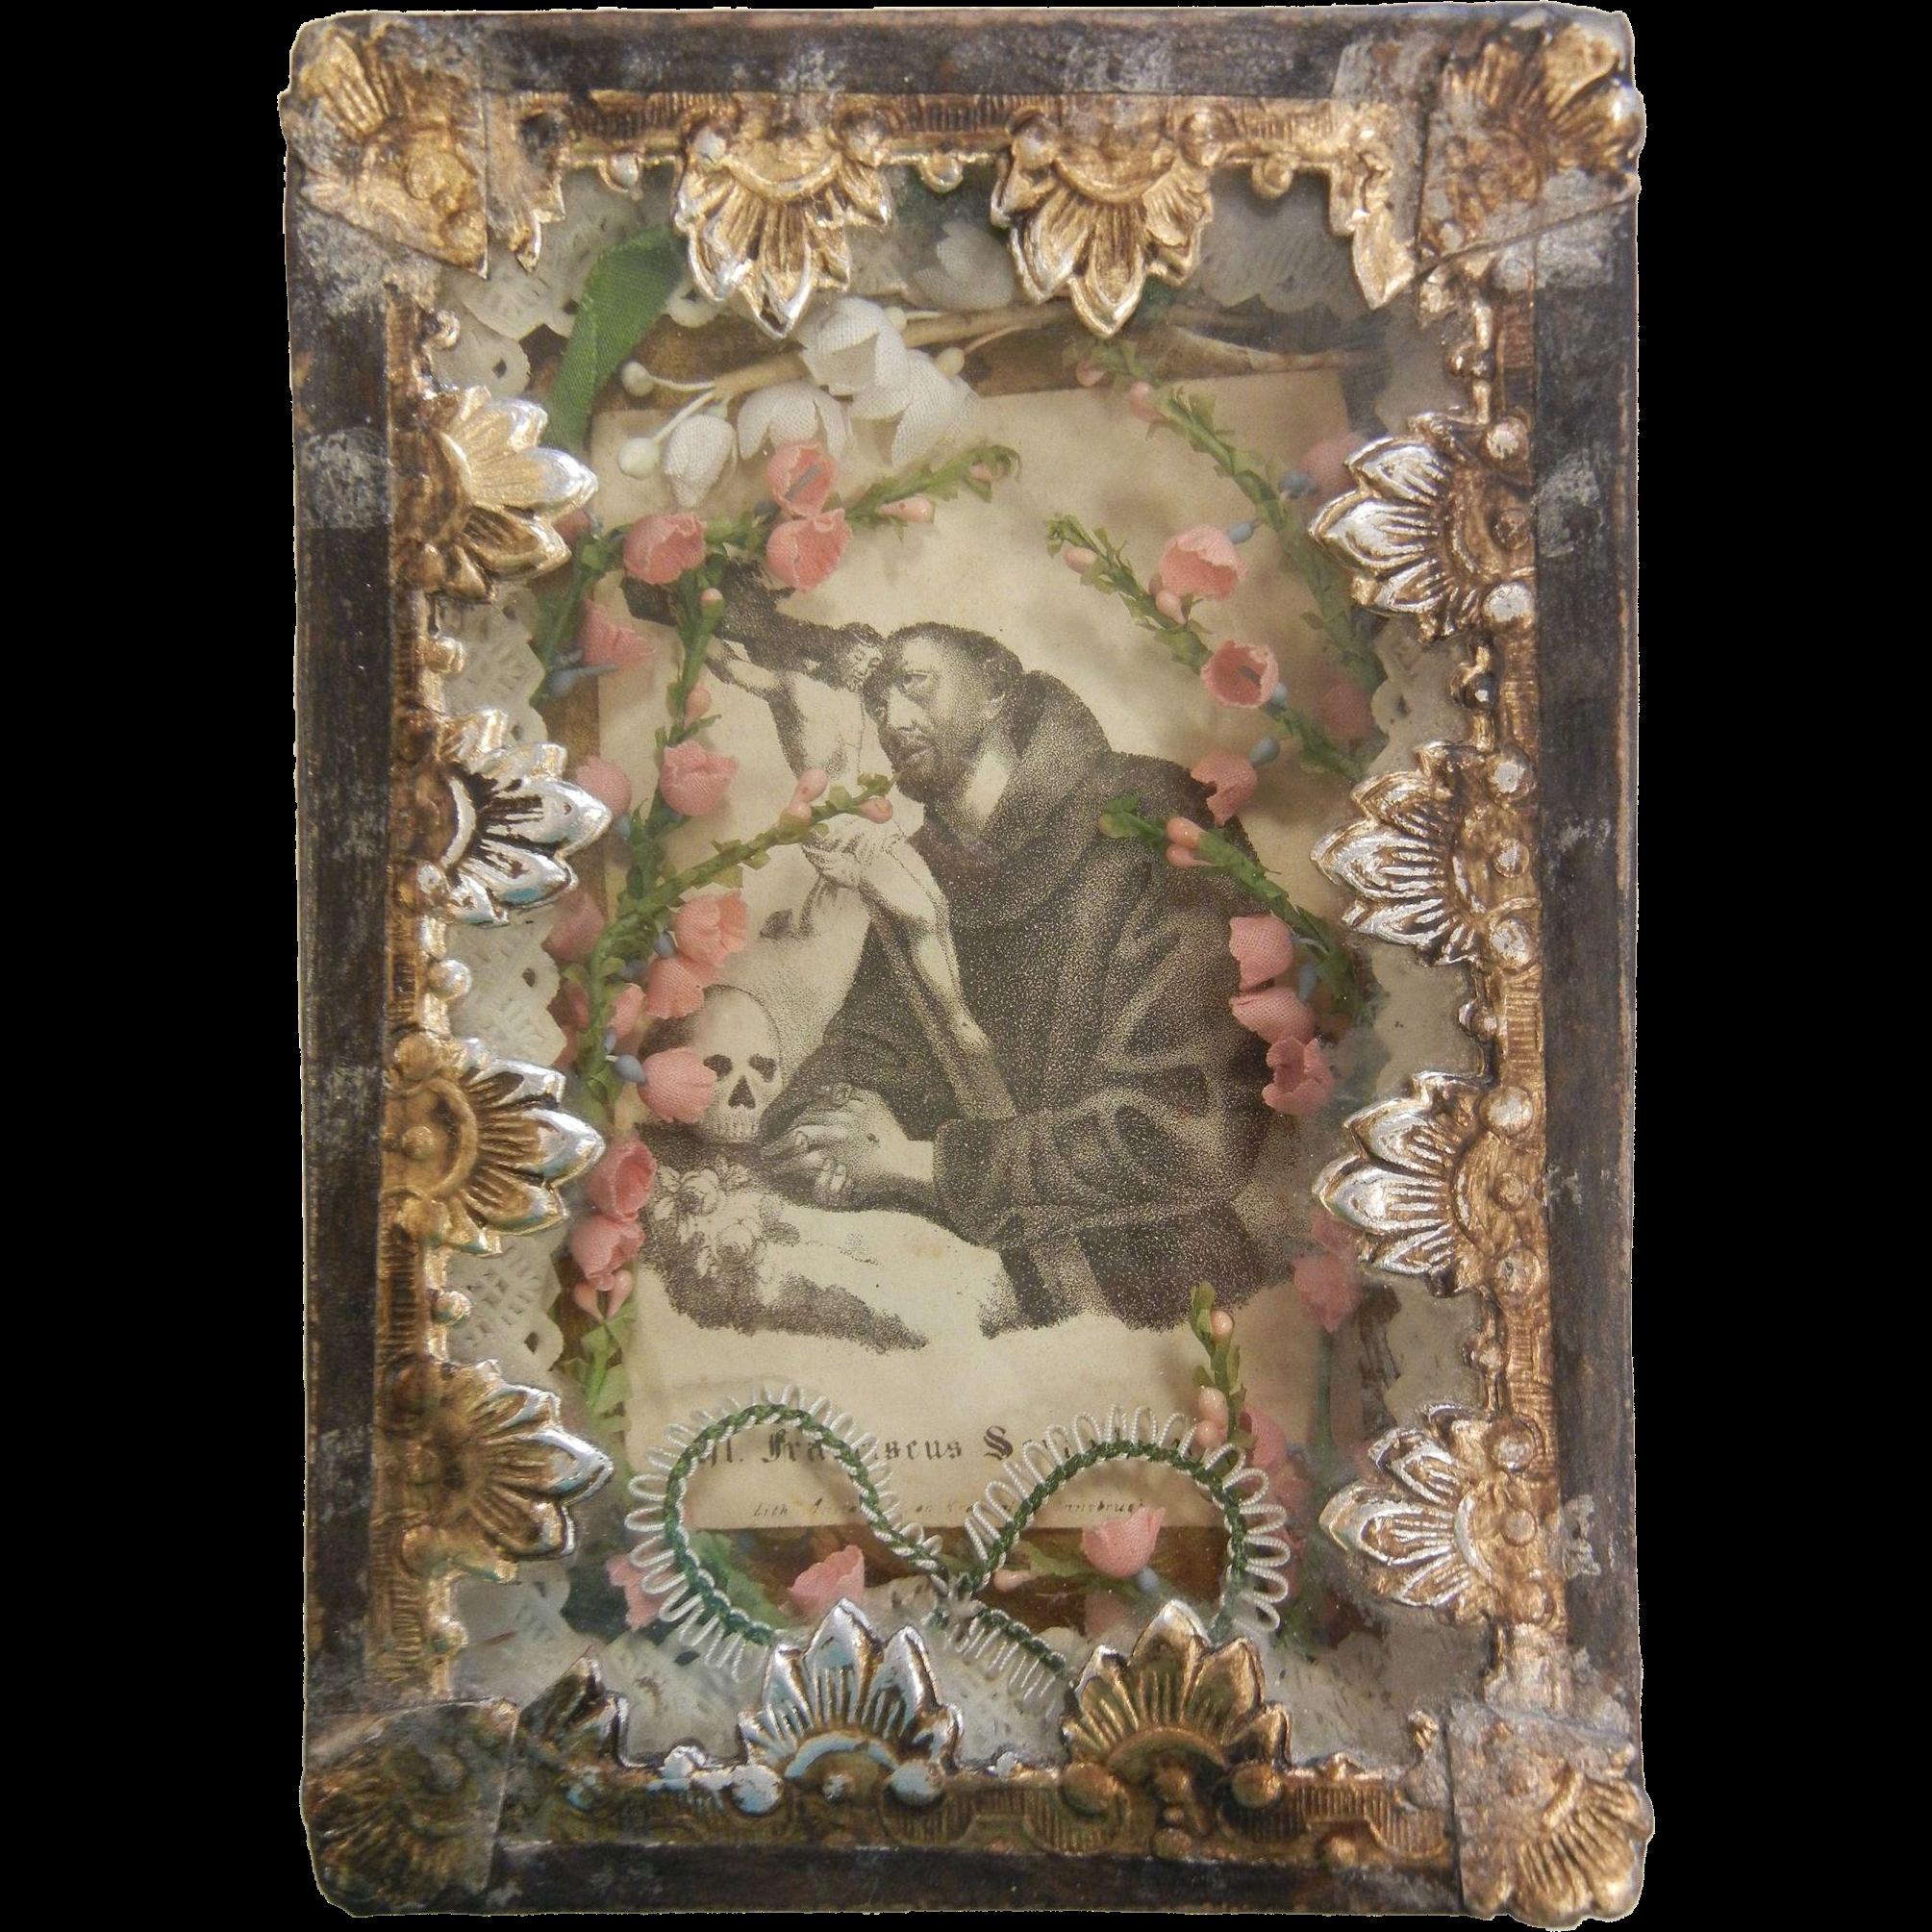 Antique Catholic Saint Reliquary Case